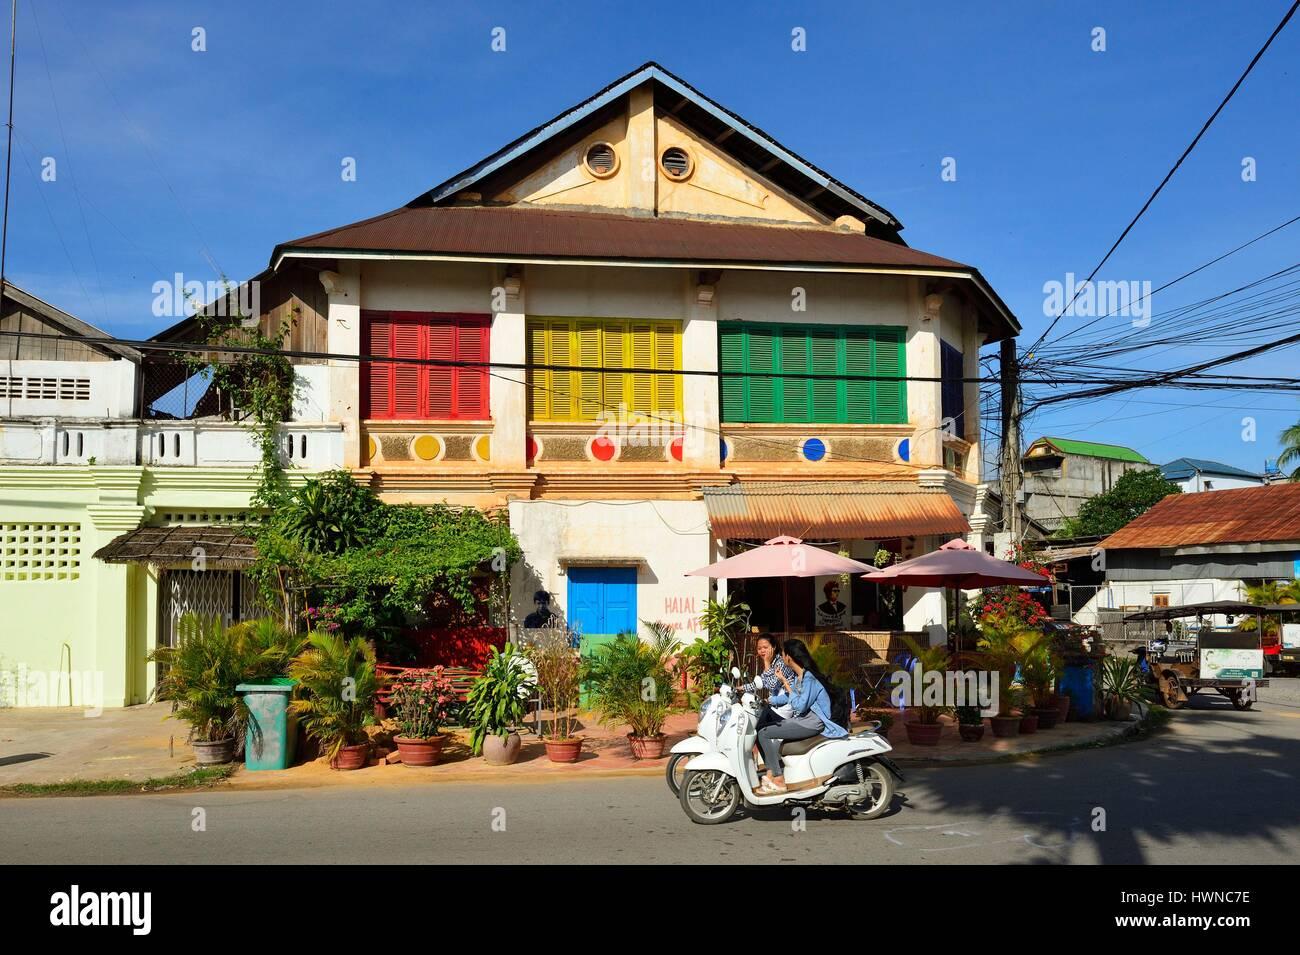 Kambodscha, Kampot Provinz Kampot, Haus im Kolonialstil Stockbild